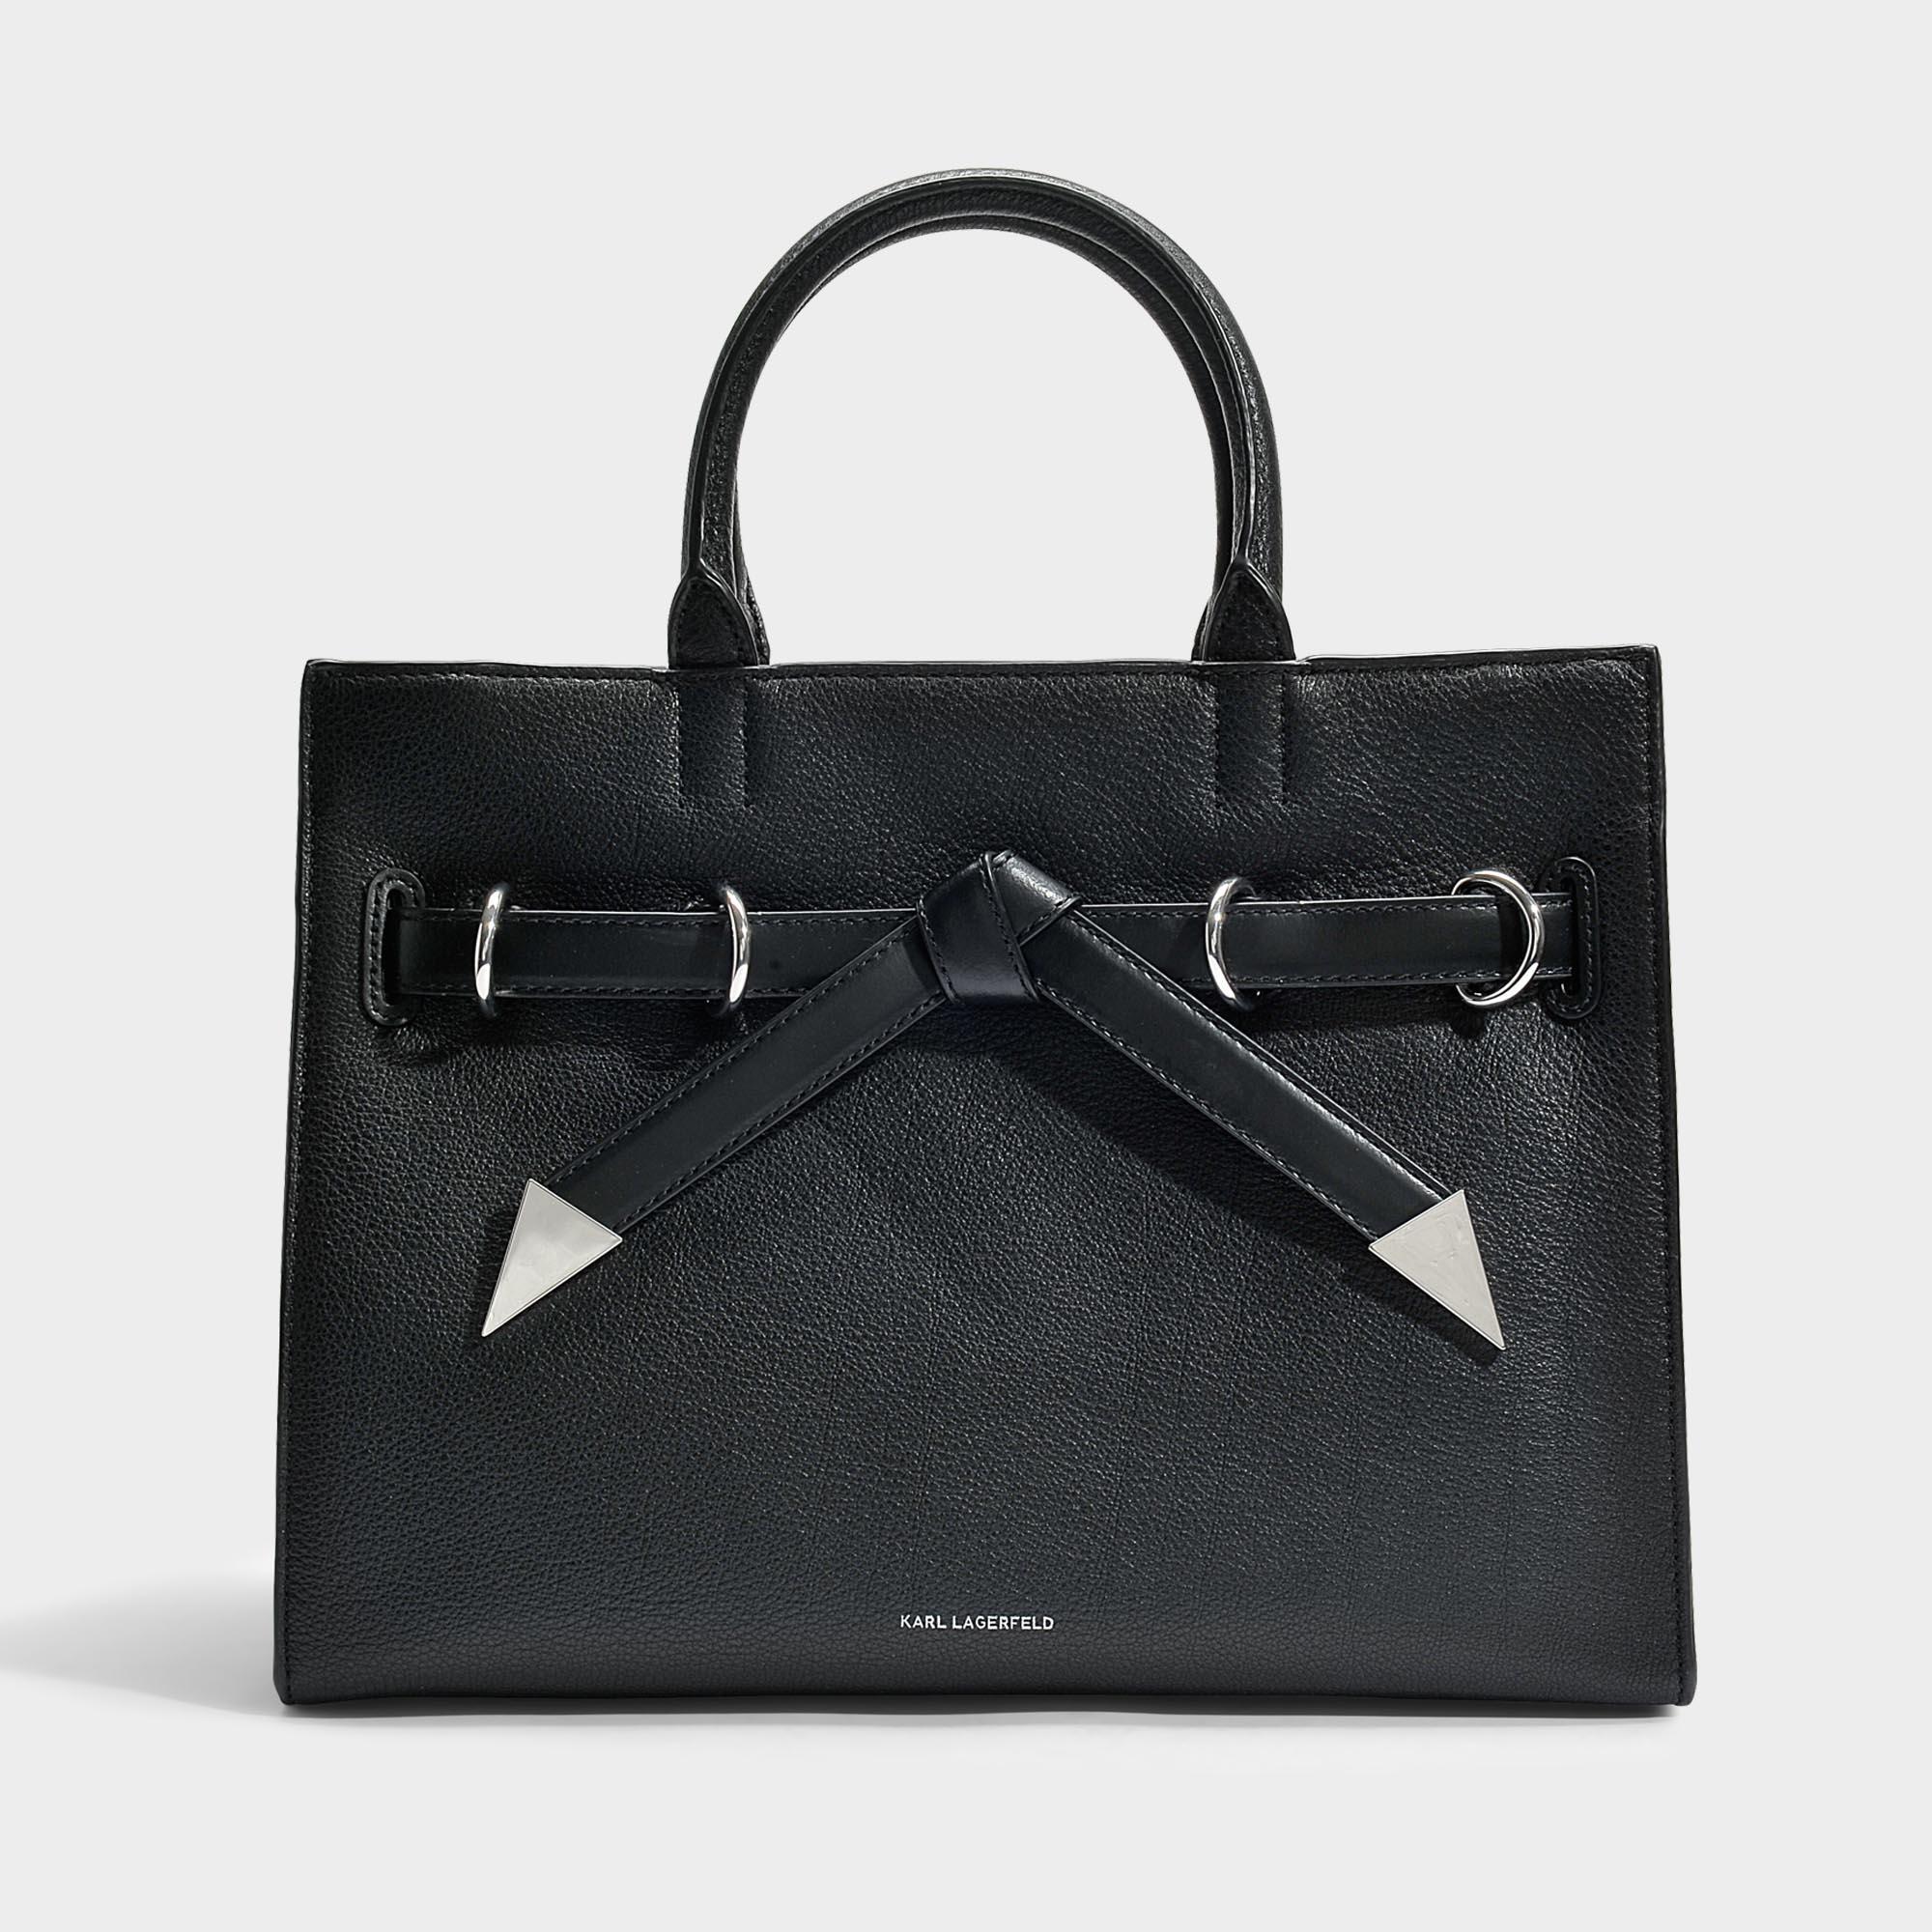 Karl Lagerfeld Sac Shopper K/Rocky Bow en Cuir de Veau Grainé Noir 7RXwd